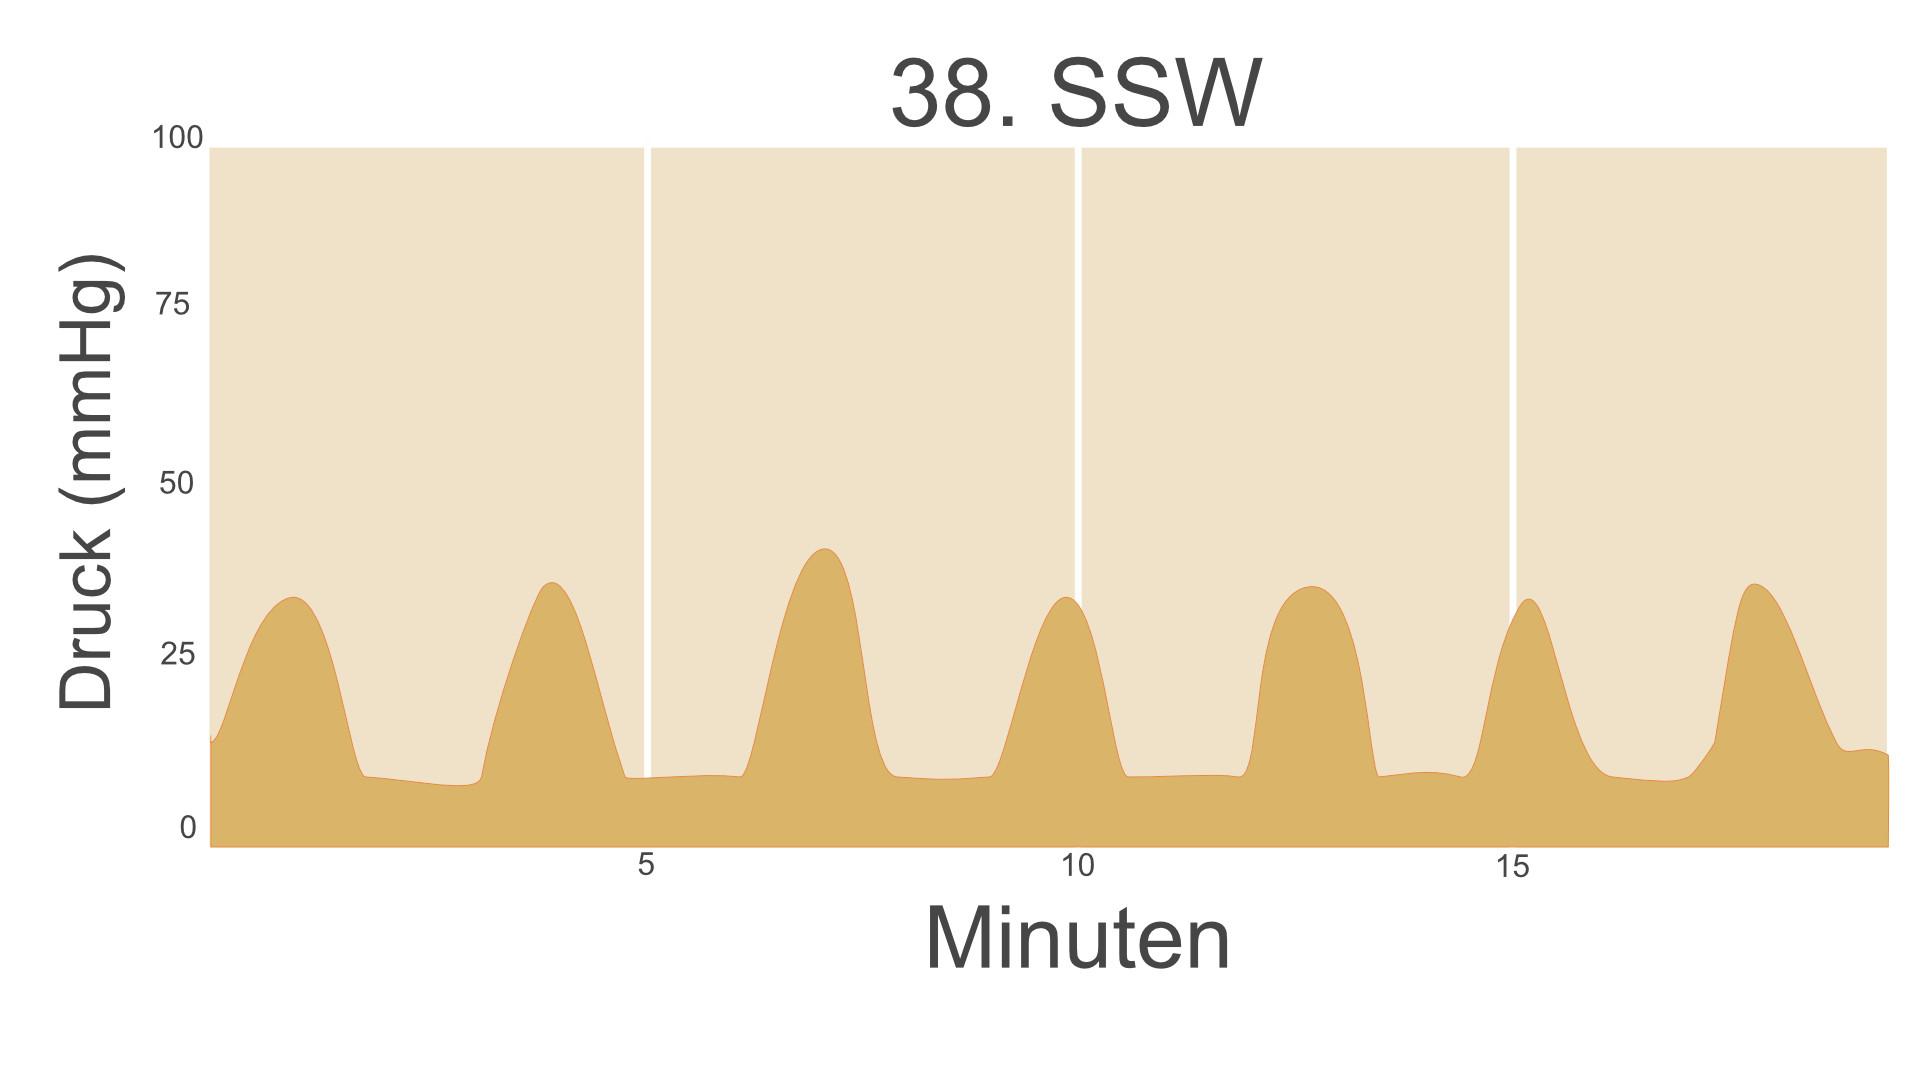 38. SSW